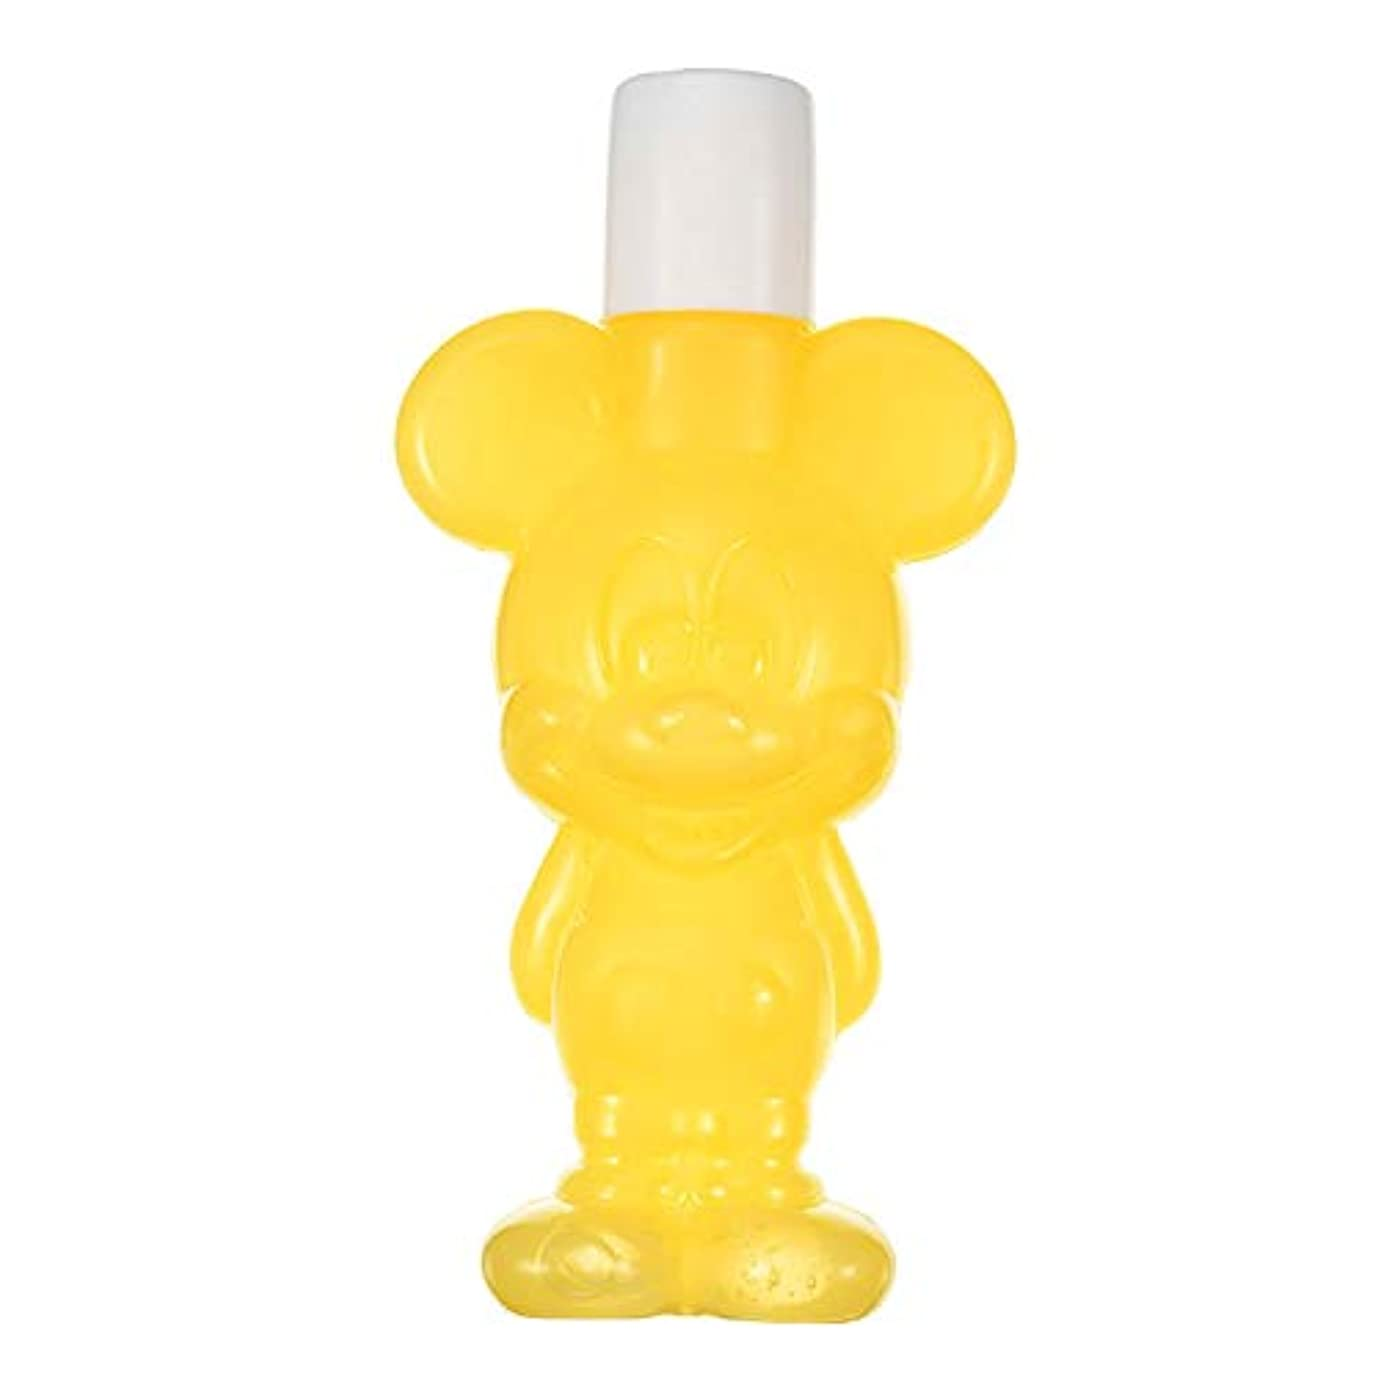 アウターコンプリート時制ディズニーストア(公式)保湿ジェル ミッキー イエロー Gummy Candy Cosme